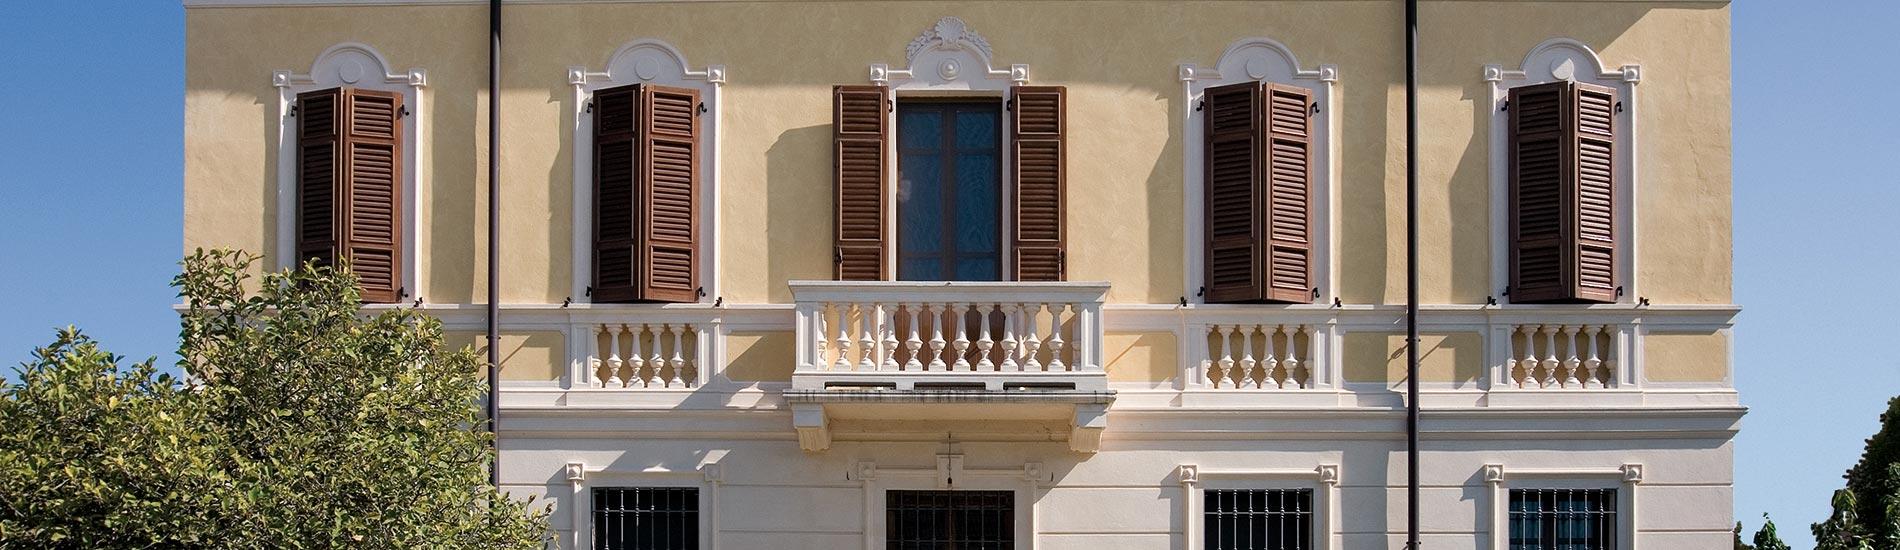 Cambiare Colore Infissi Alluminio serramenti per palazzi storici e d'epoca | mazzini serramenti